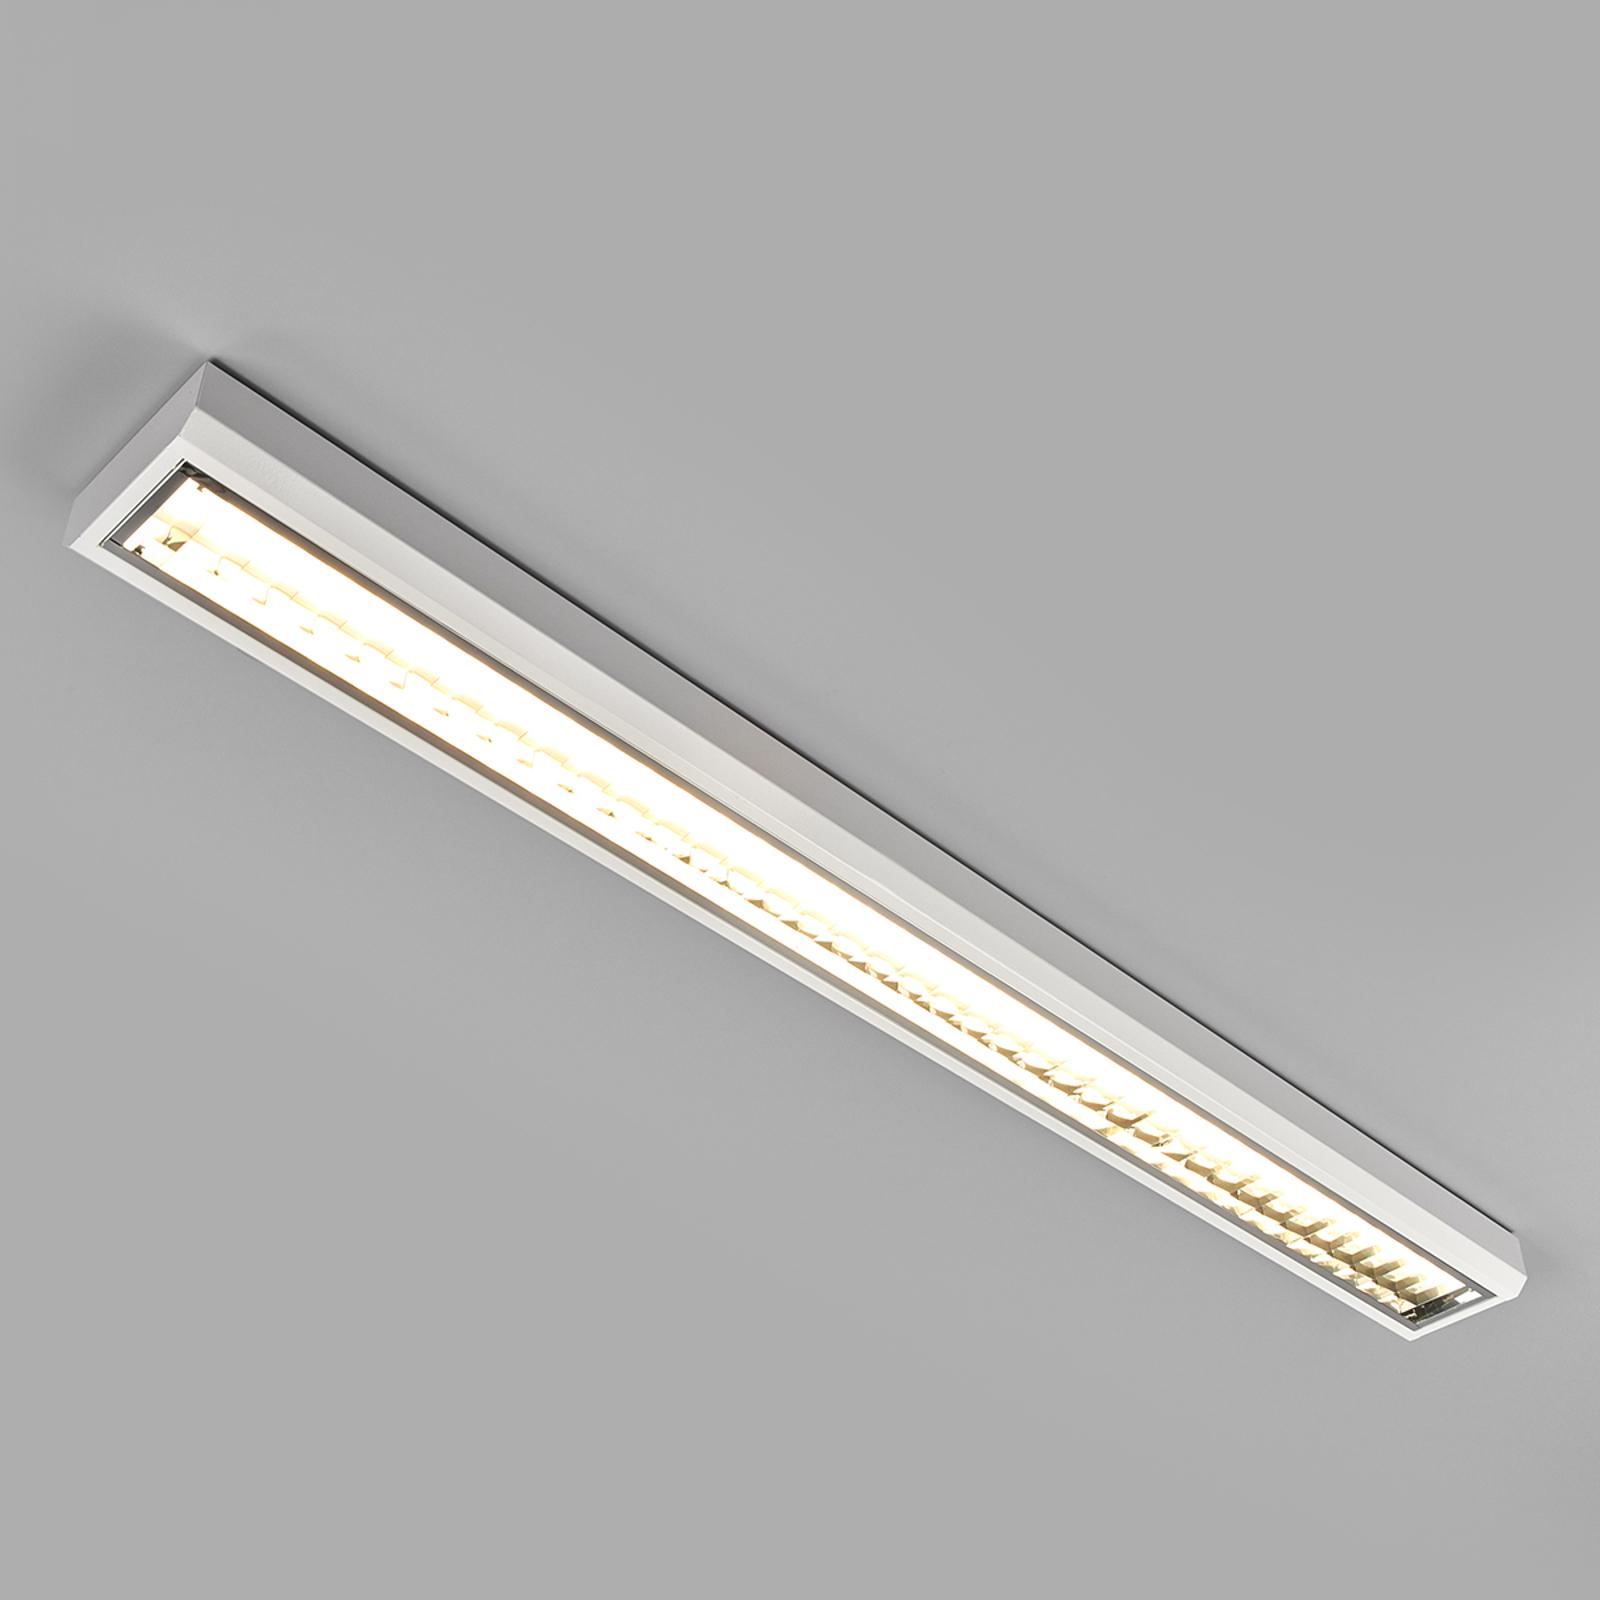 Rastrowa lampa do nabudowy LED, 33 W, 4000 K